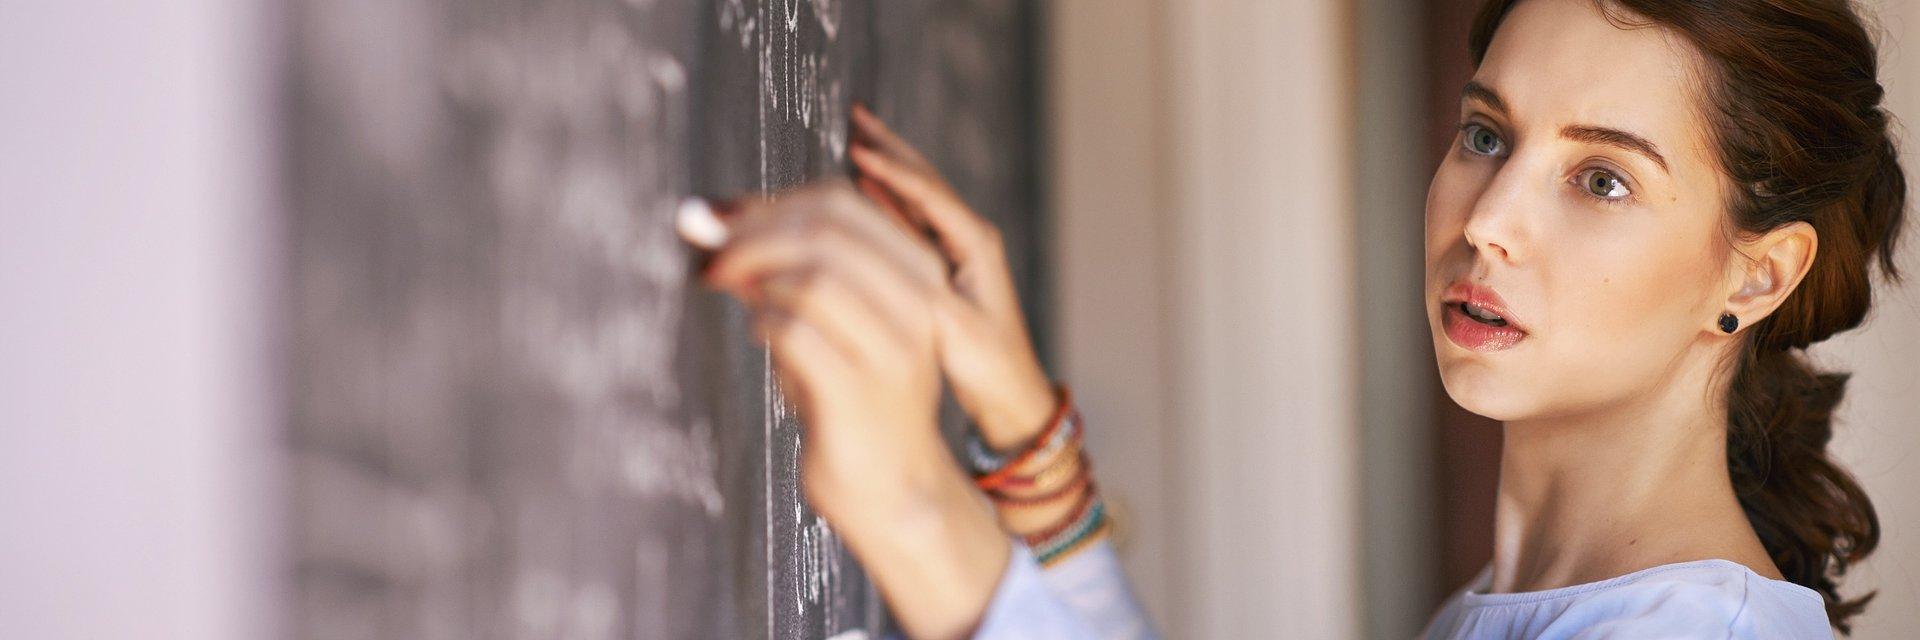 Rok szkolny w cieniu koronawirusa, czyli bezpieczna szkoła nie tylko dla dzieci